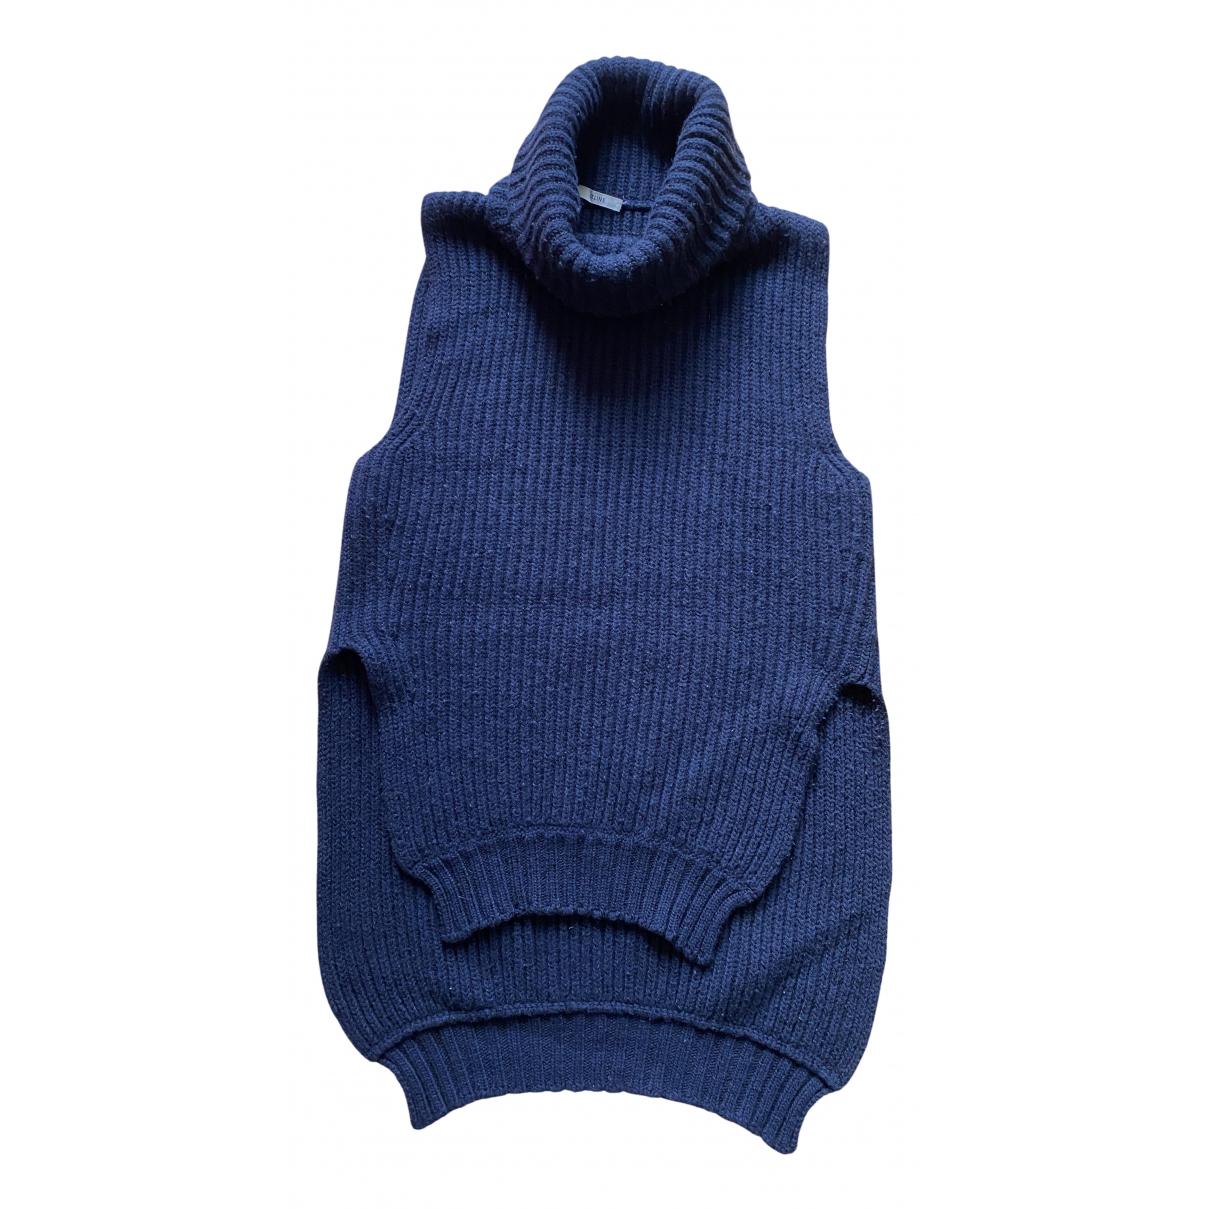 Celine N Navy Wool Knitwear for Women M International